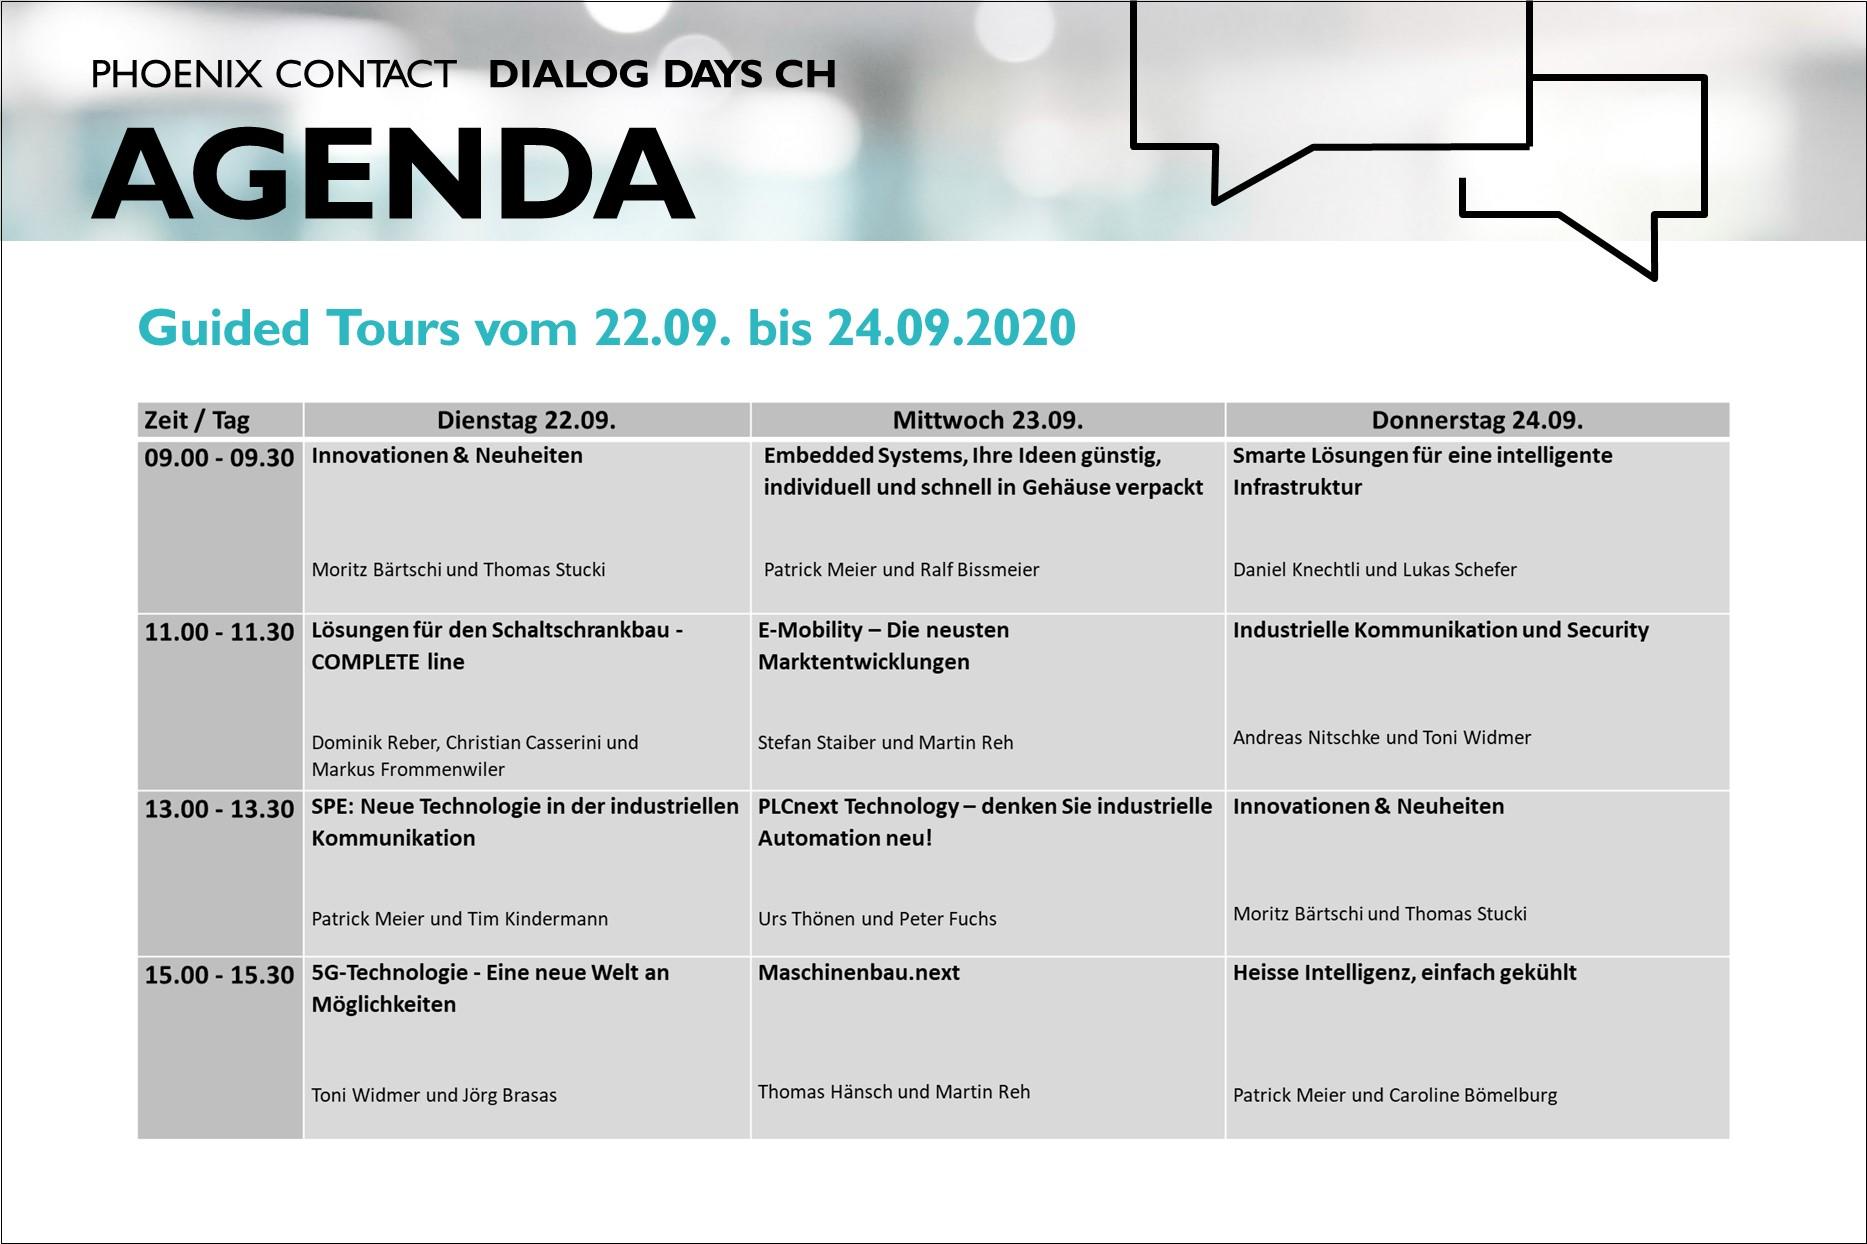 Dialog Days Schweiz